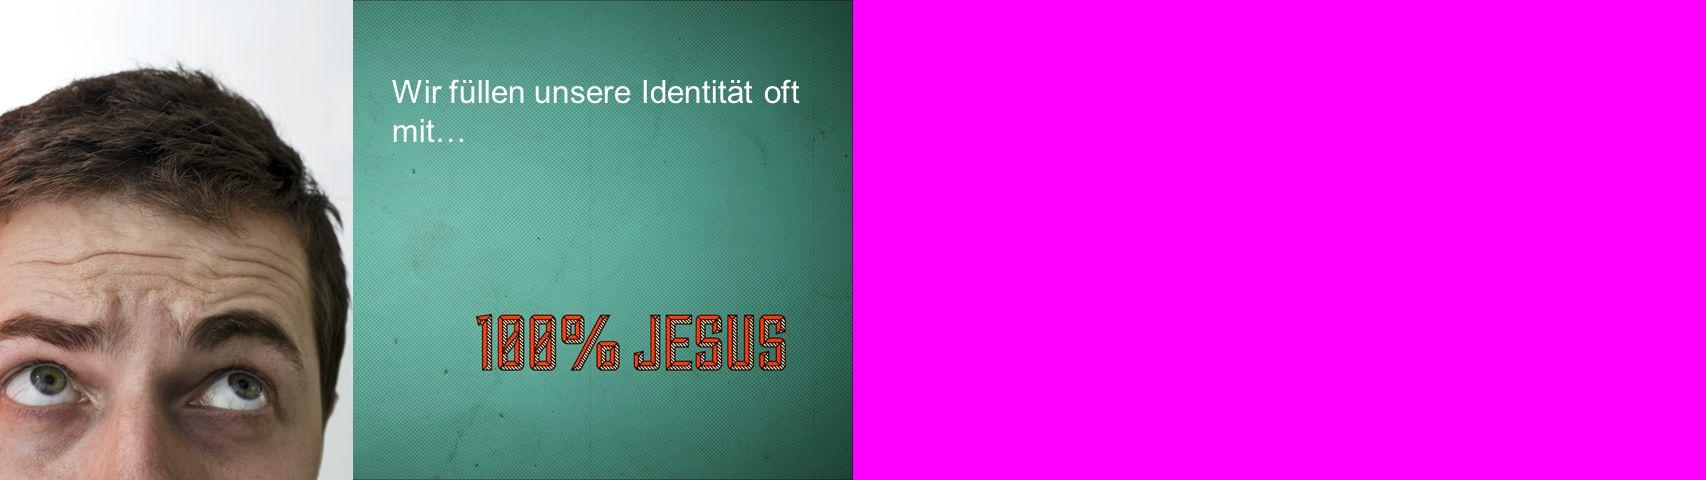 Starte den Tag mit Gedanken über die Größe Gottes «Gebt dem Wort Raum, in dem Christus bei euch gegenwärtig ist.» Die Bibel, Kolosser 3,16a